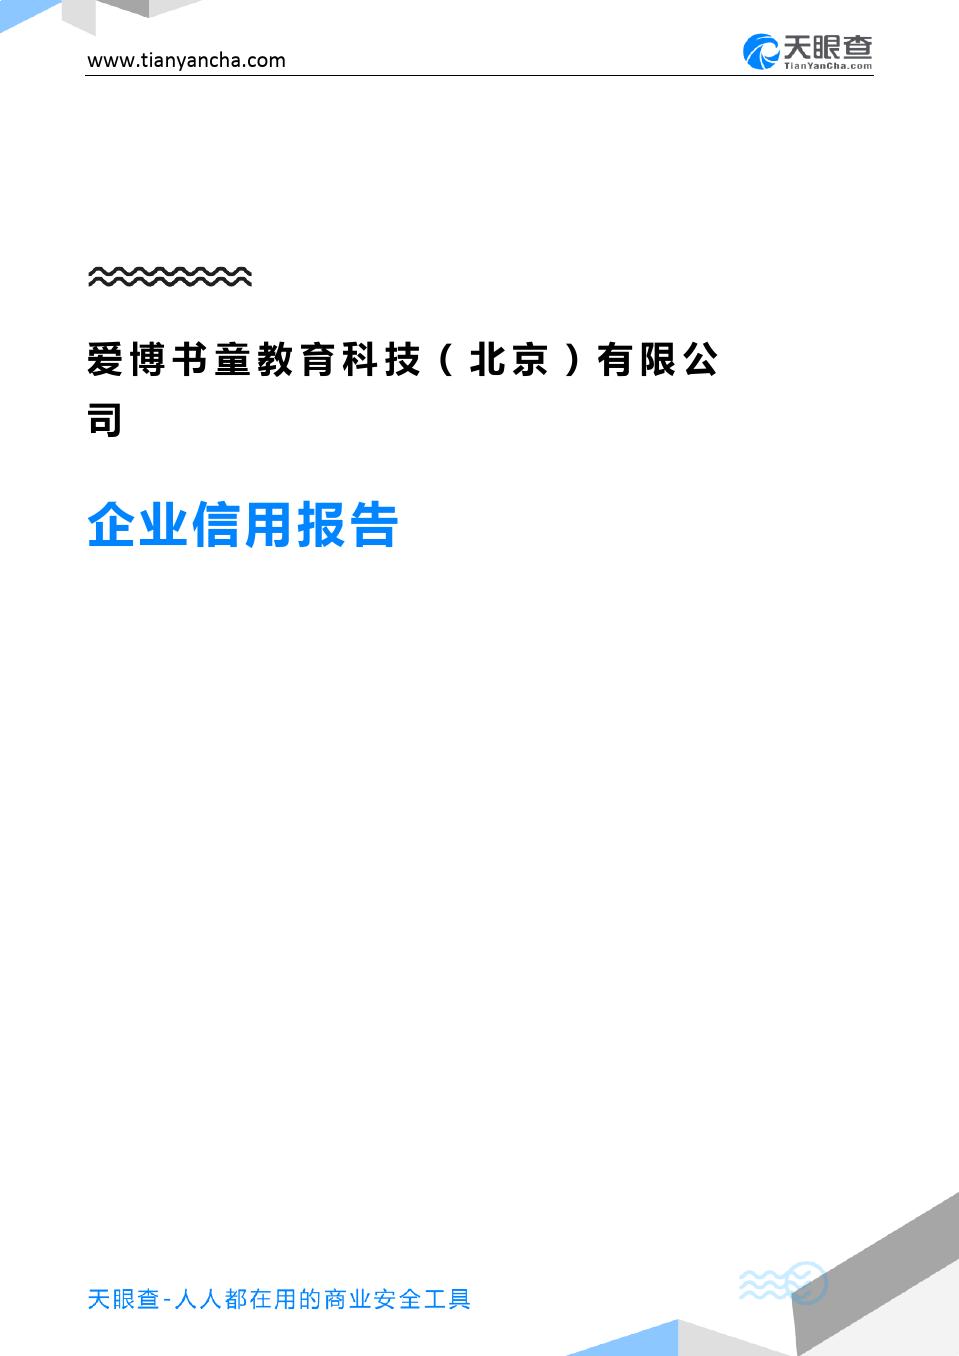 爱博书童教育科技(北京)有限公司(企业信用报告)- 天眼查